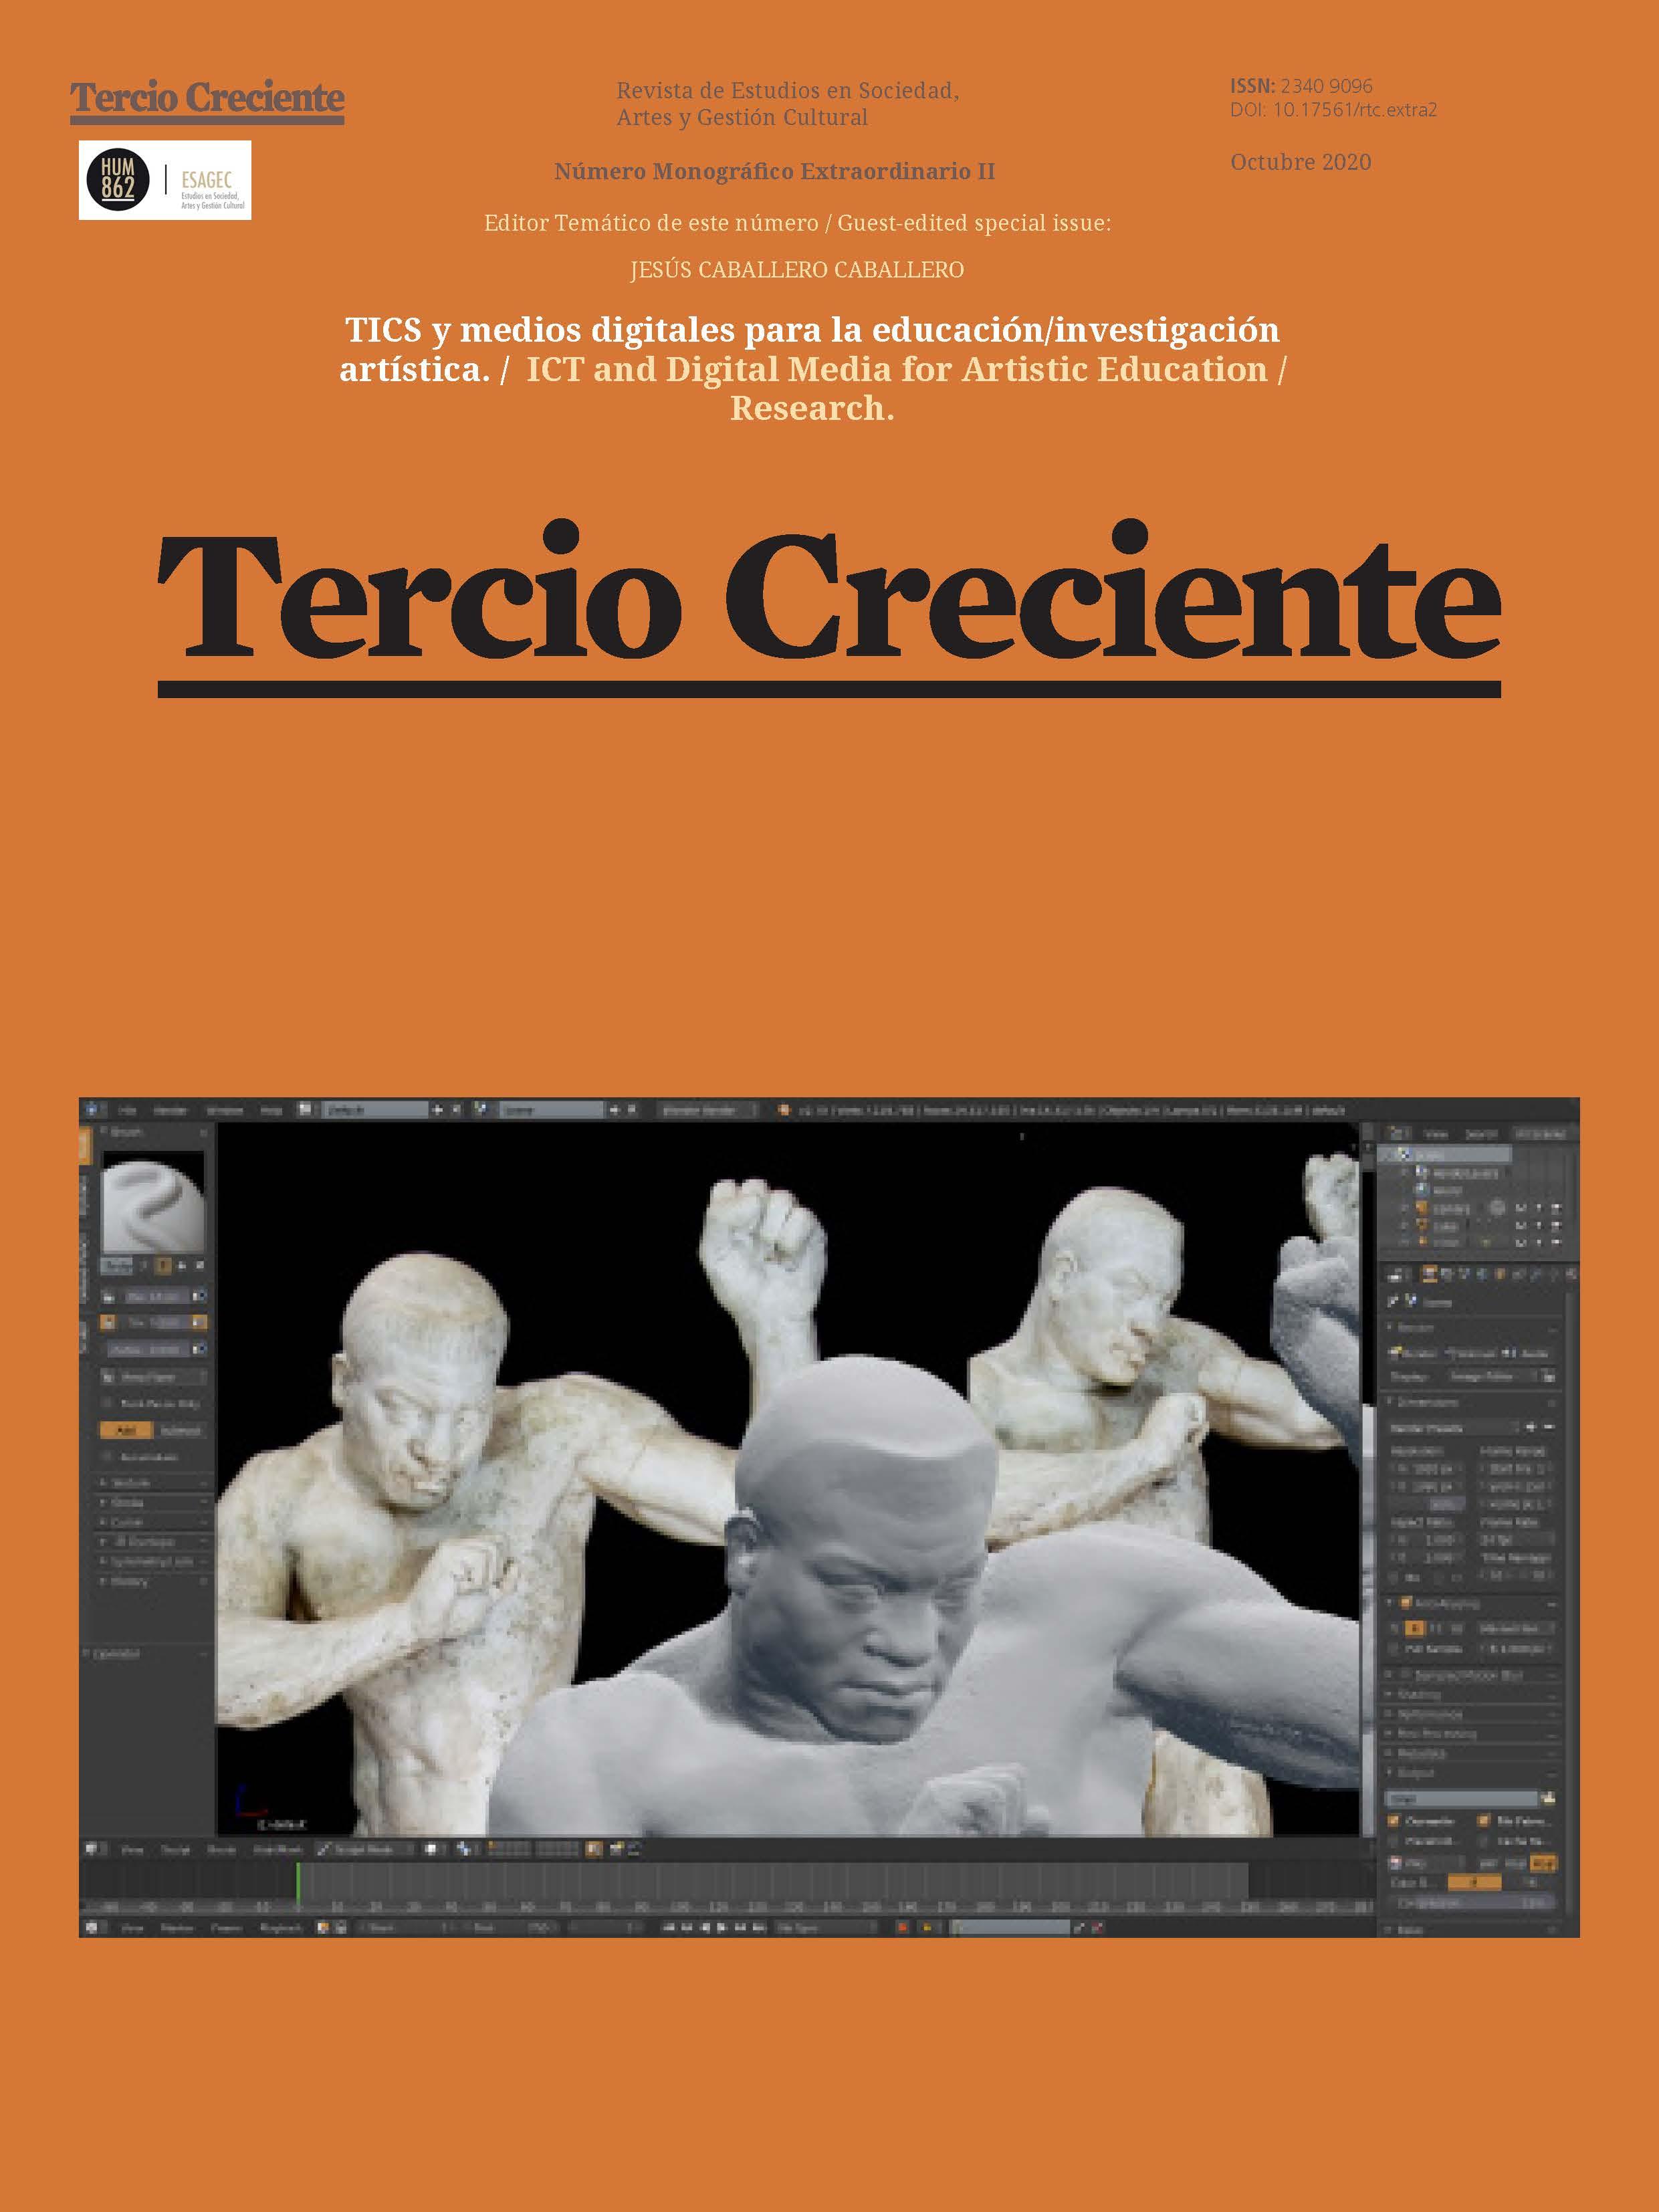 Ver Monográfico Extraordinario II (2020): Tics y Medios Digitales para la Educación/Investigación artística.